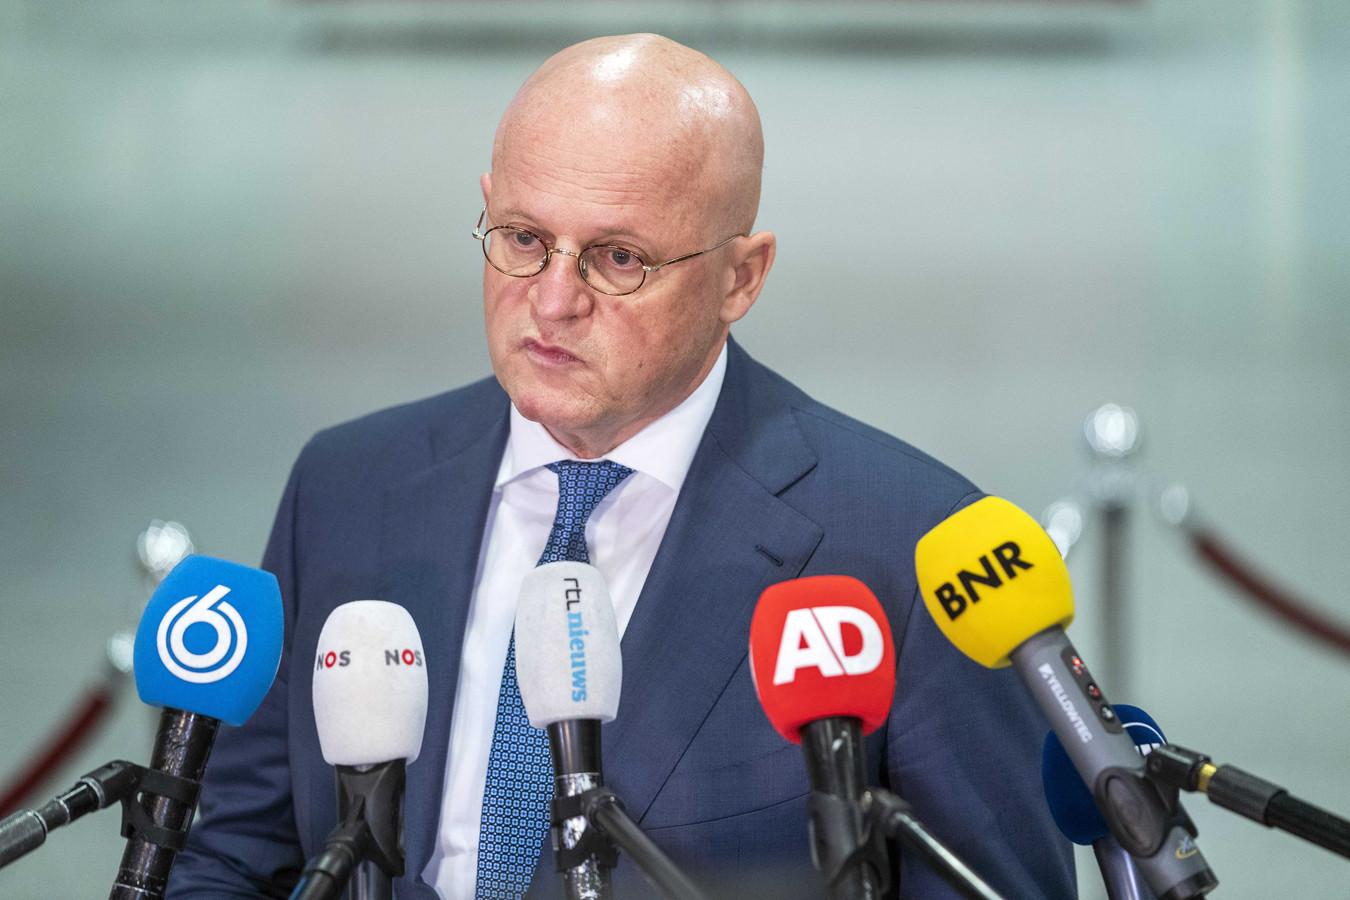 Demissionair minister van Justitie en Veiligheid Ferd Grapperhaus.